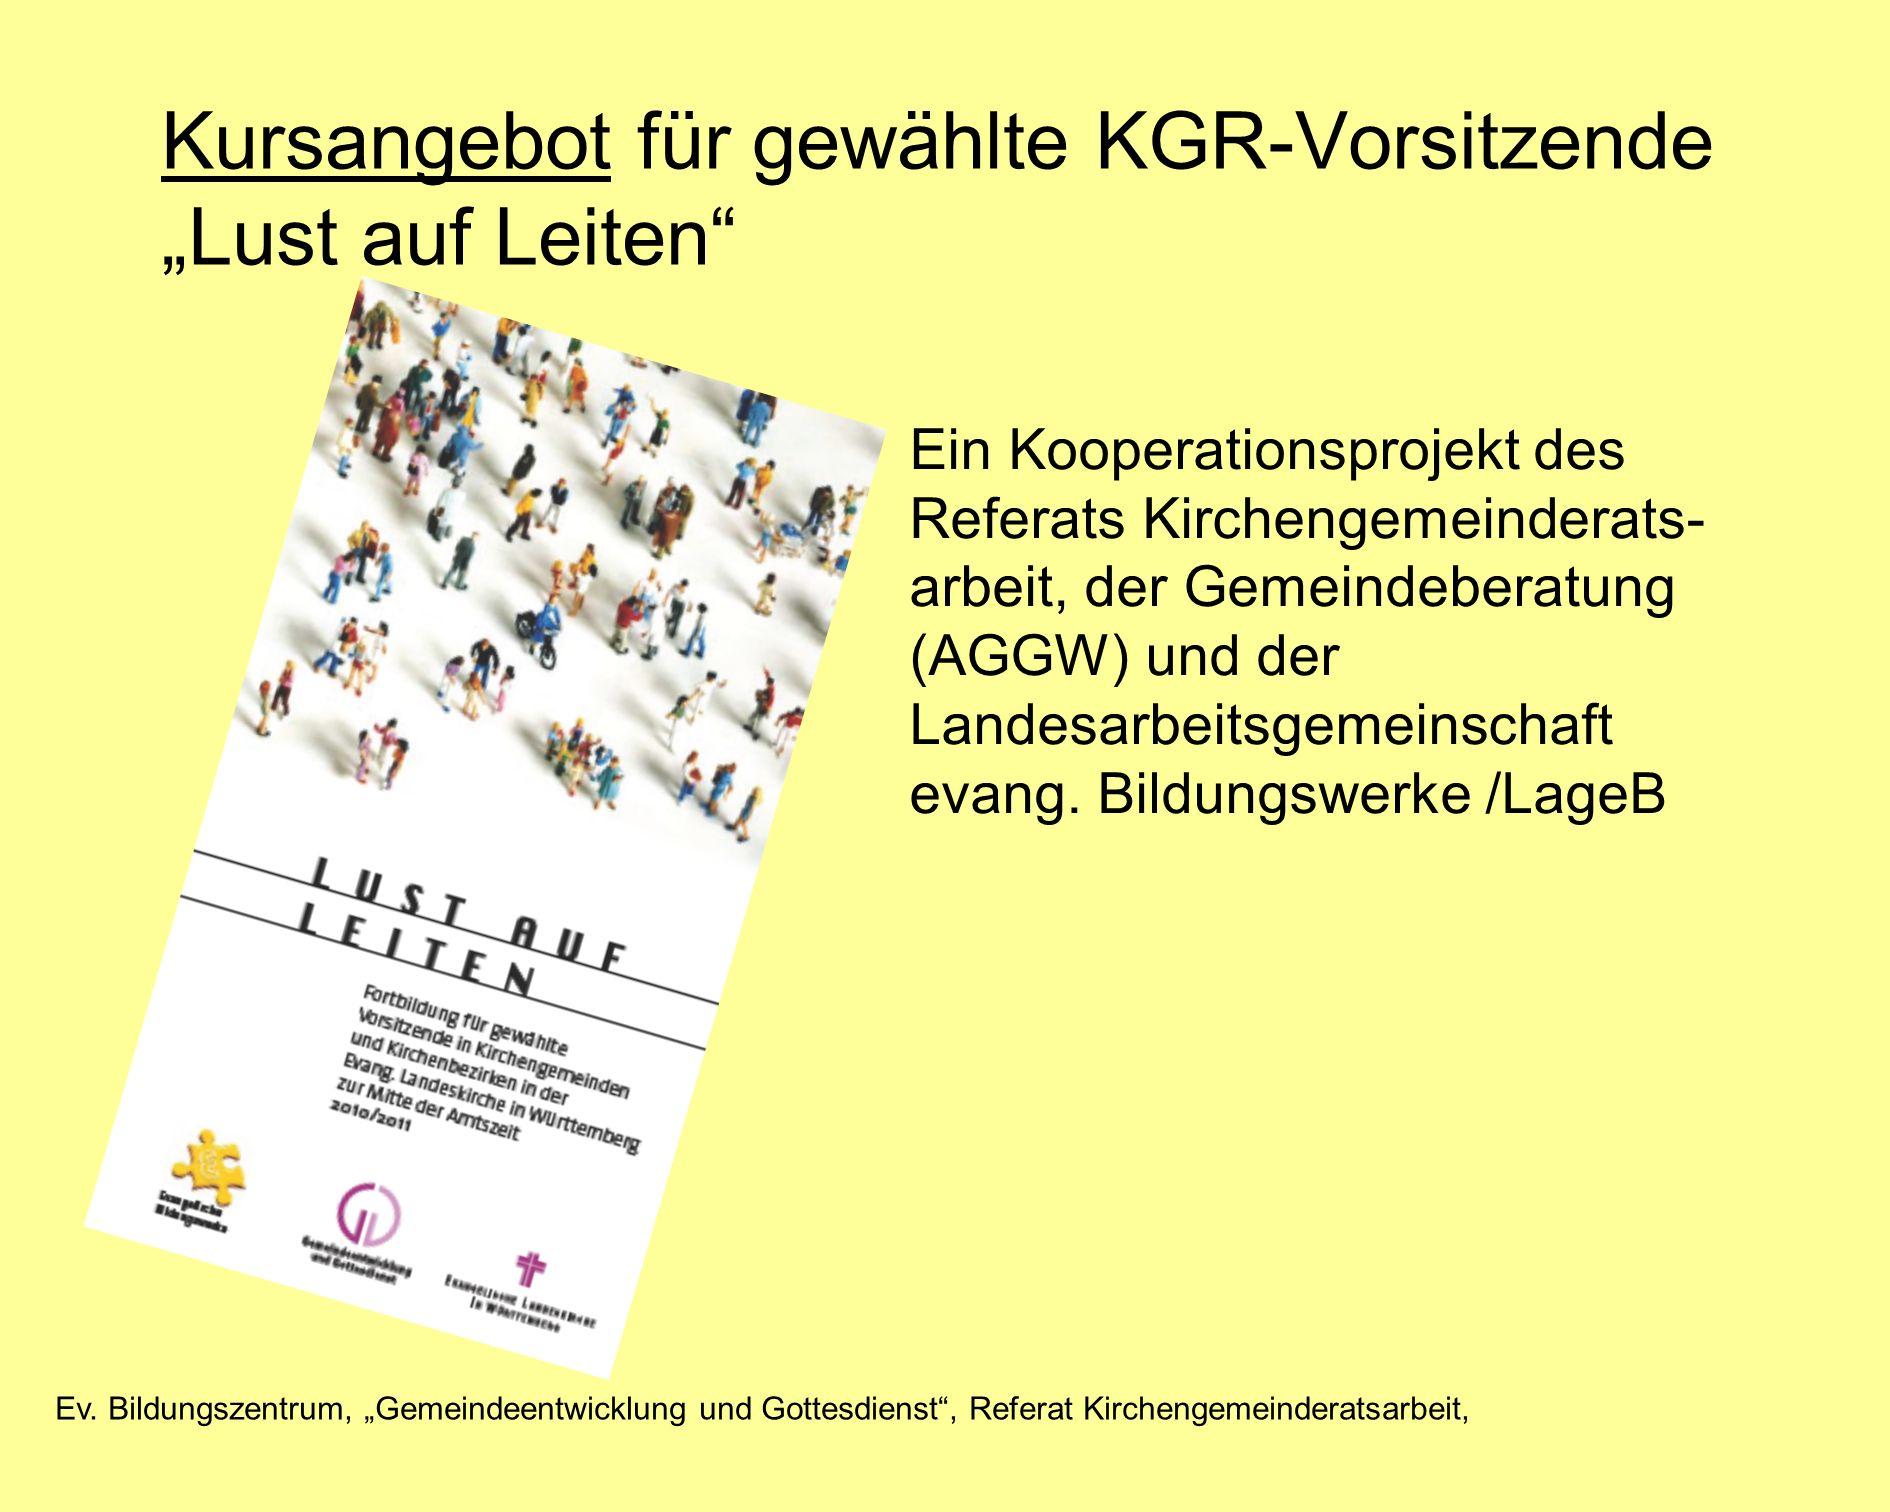 Ev. Bildungszentrum, Gemeindeentwicklung und Gottesdienst, Referat Kirchengemeinderatsarbeit, Kursangebot für gewählte KGR-Vorsitzende Lust auf Leiten